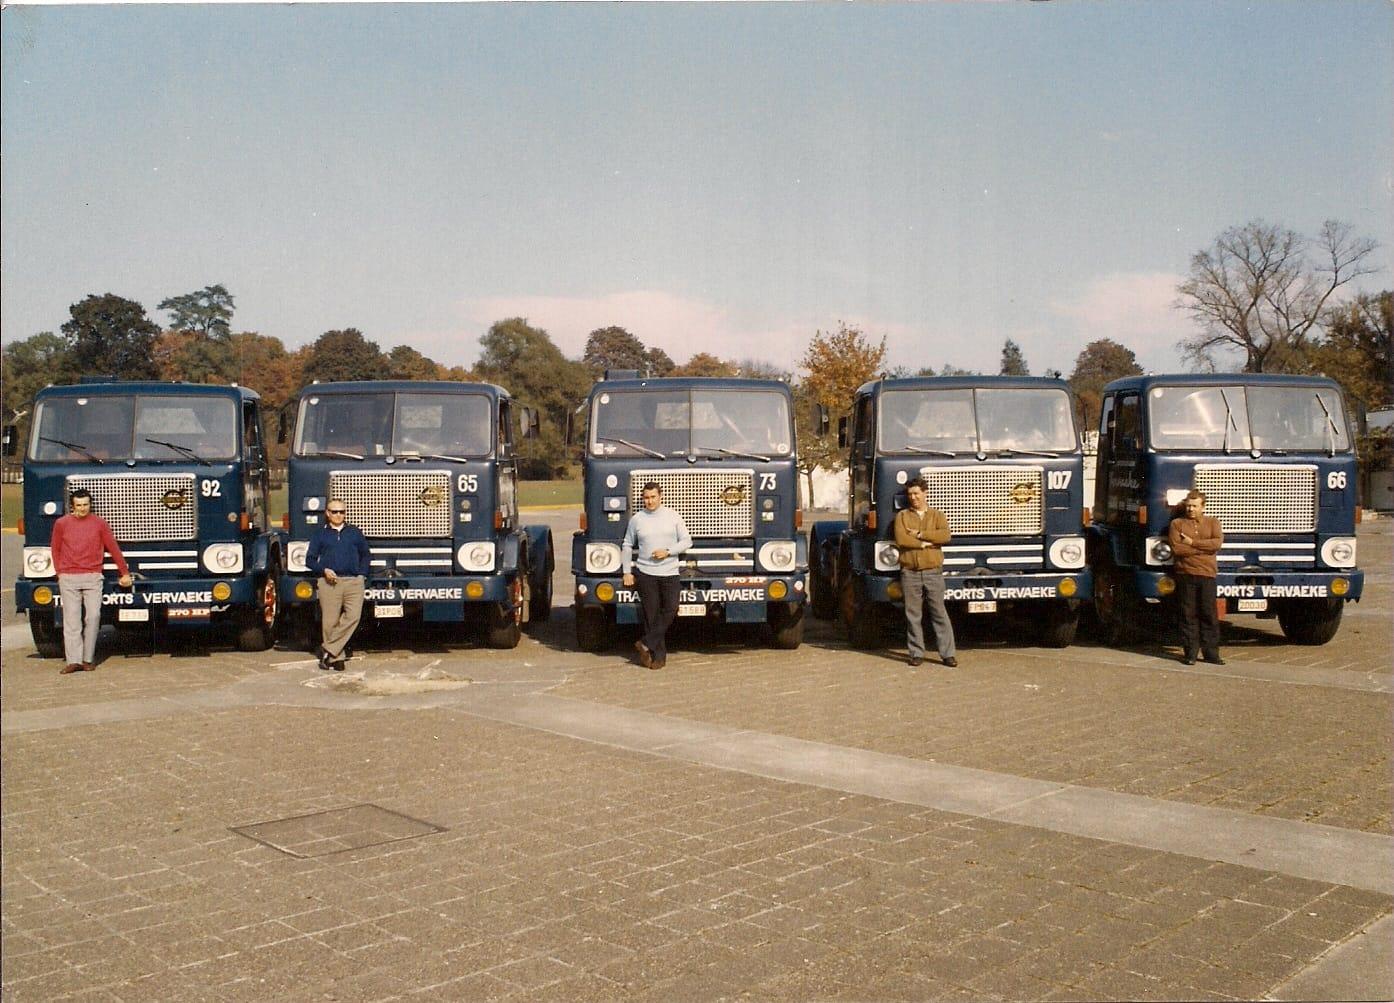 Eerste-Volvo-s-geleverd-in-de-jaren-70-bij-transport-Vervaeke